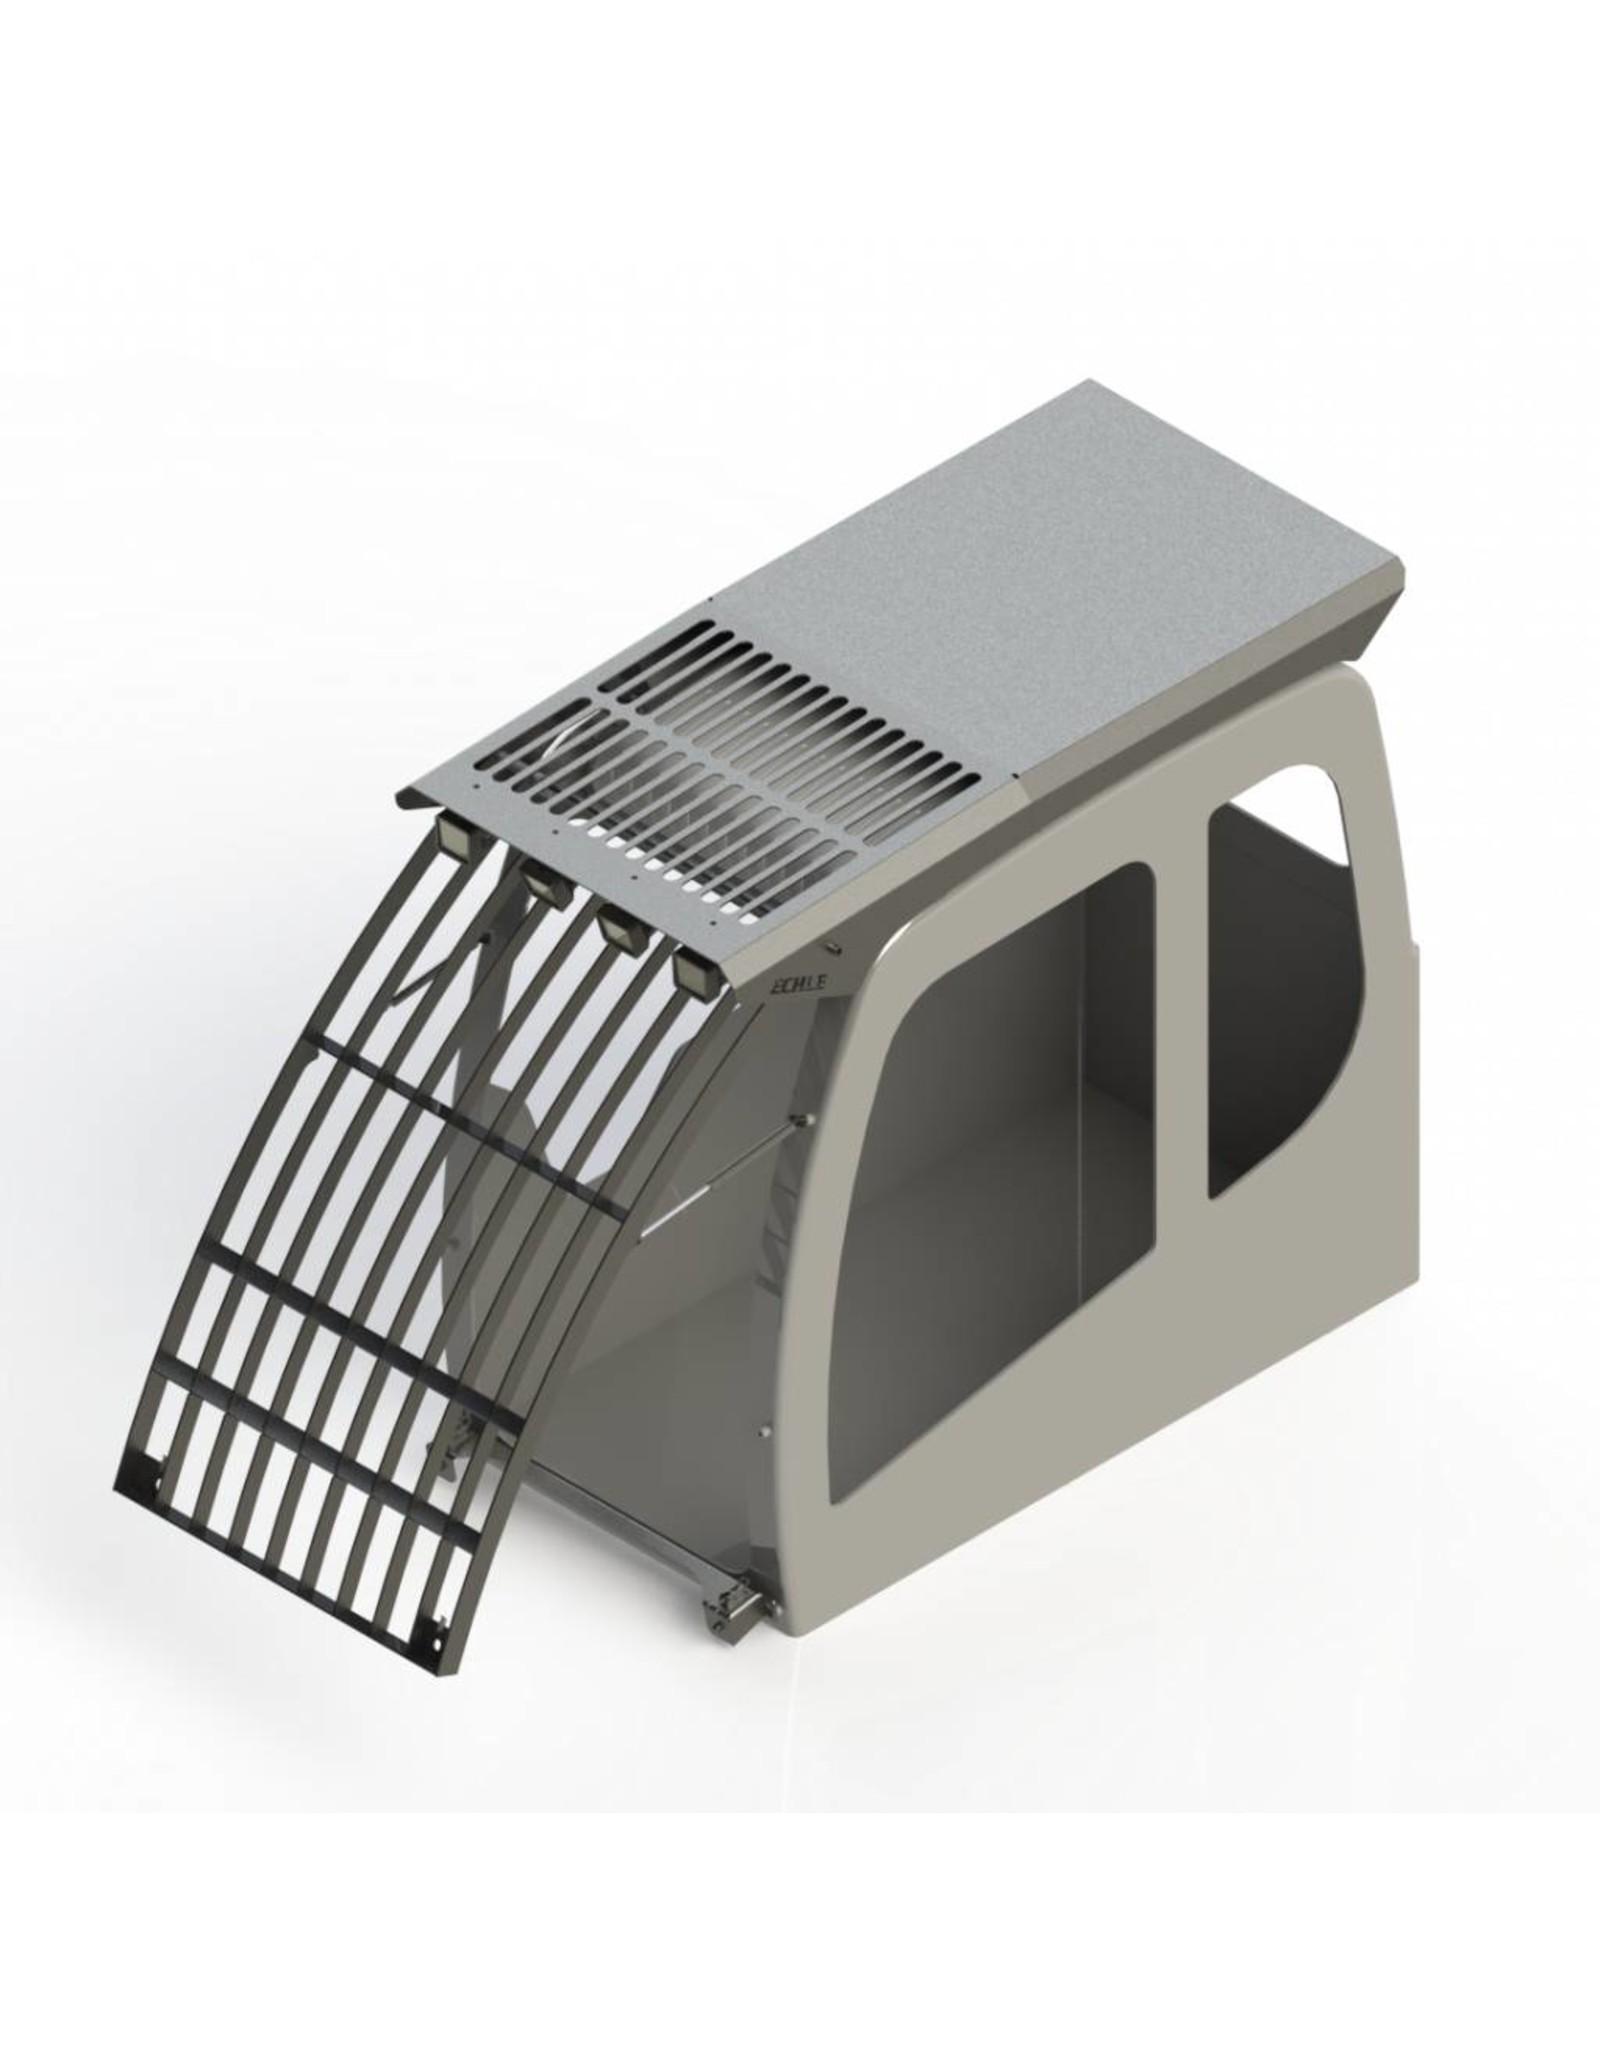 Echle Hartstahl GmbH FOPS pour CAT 311F